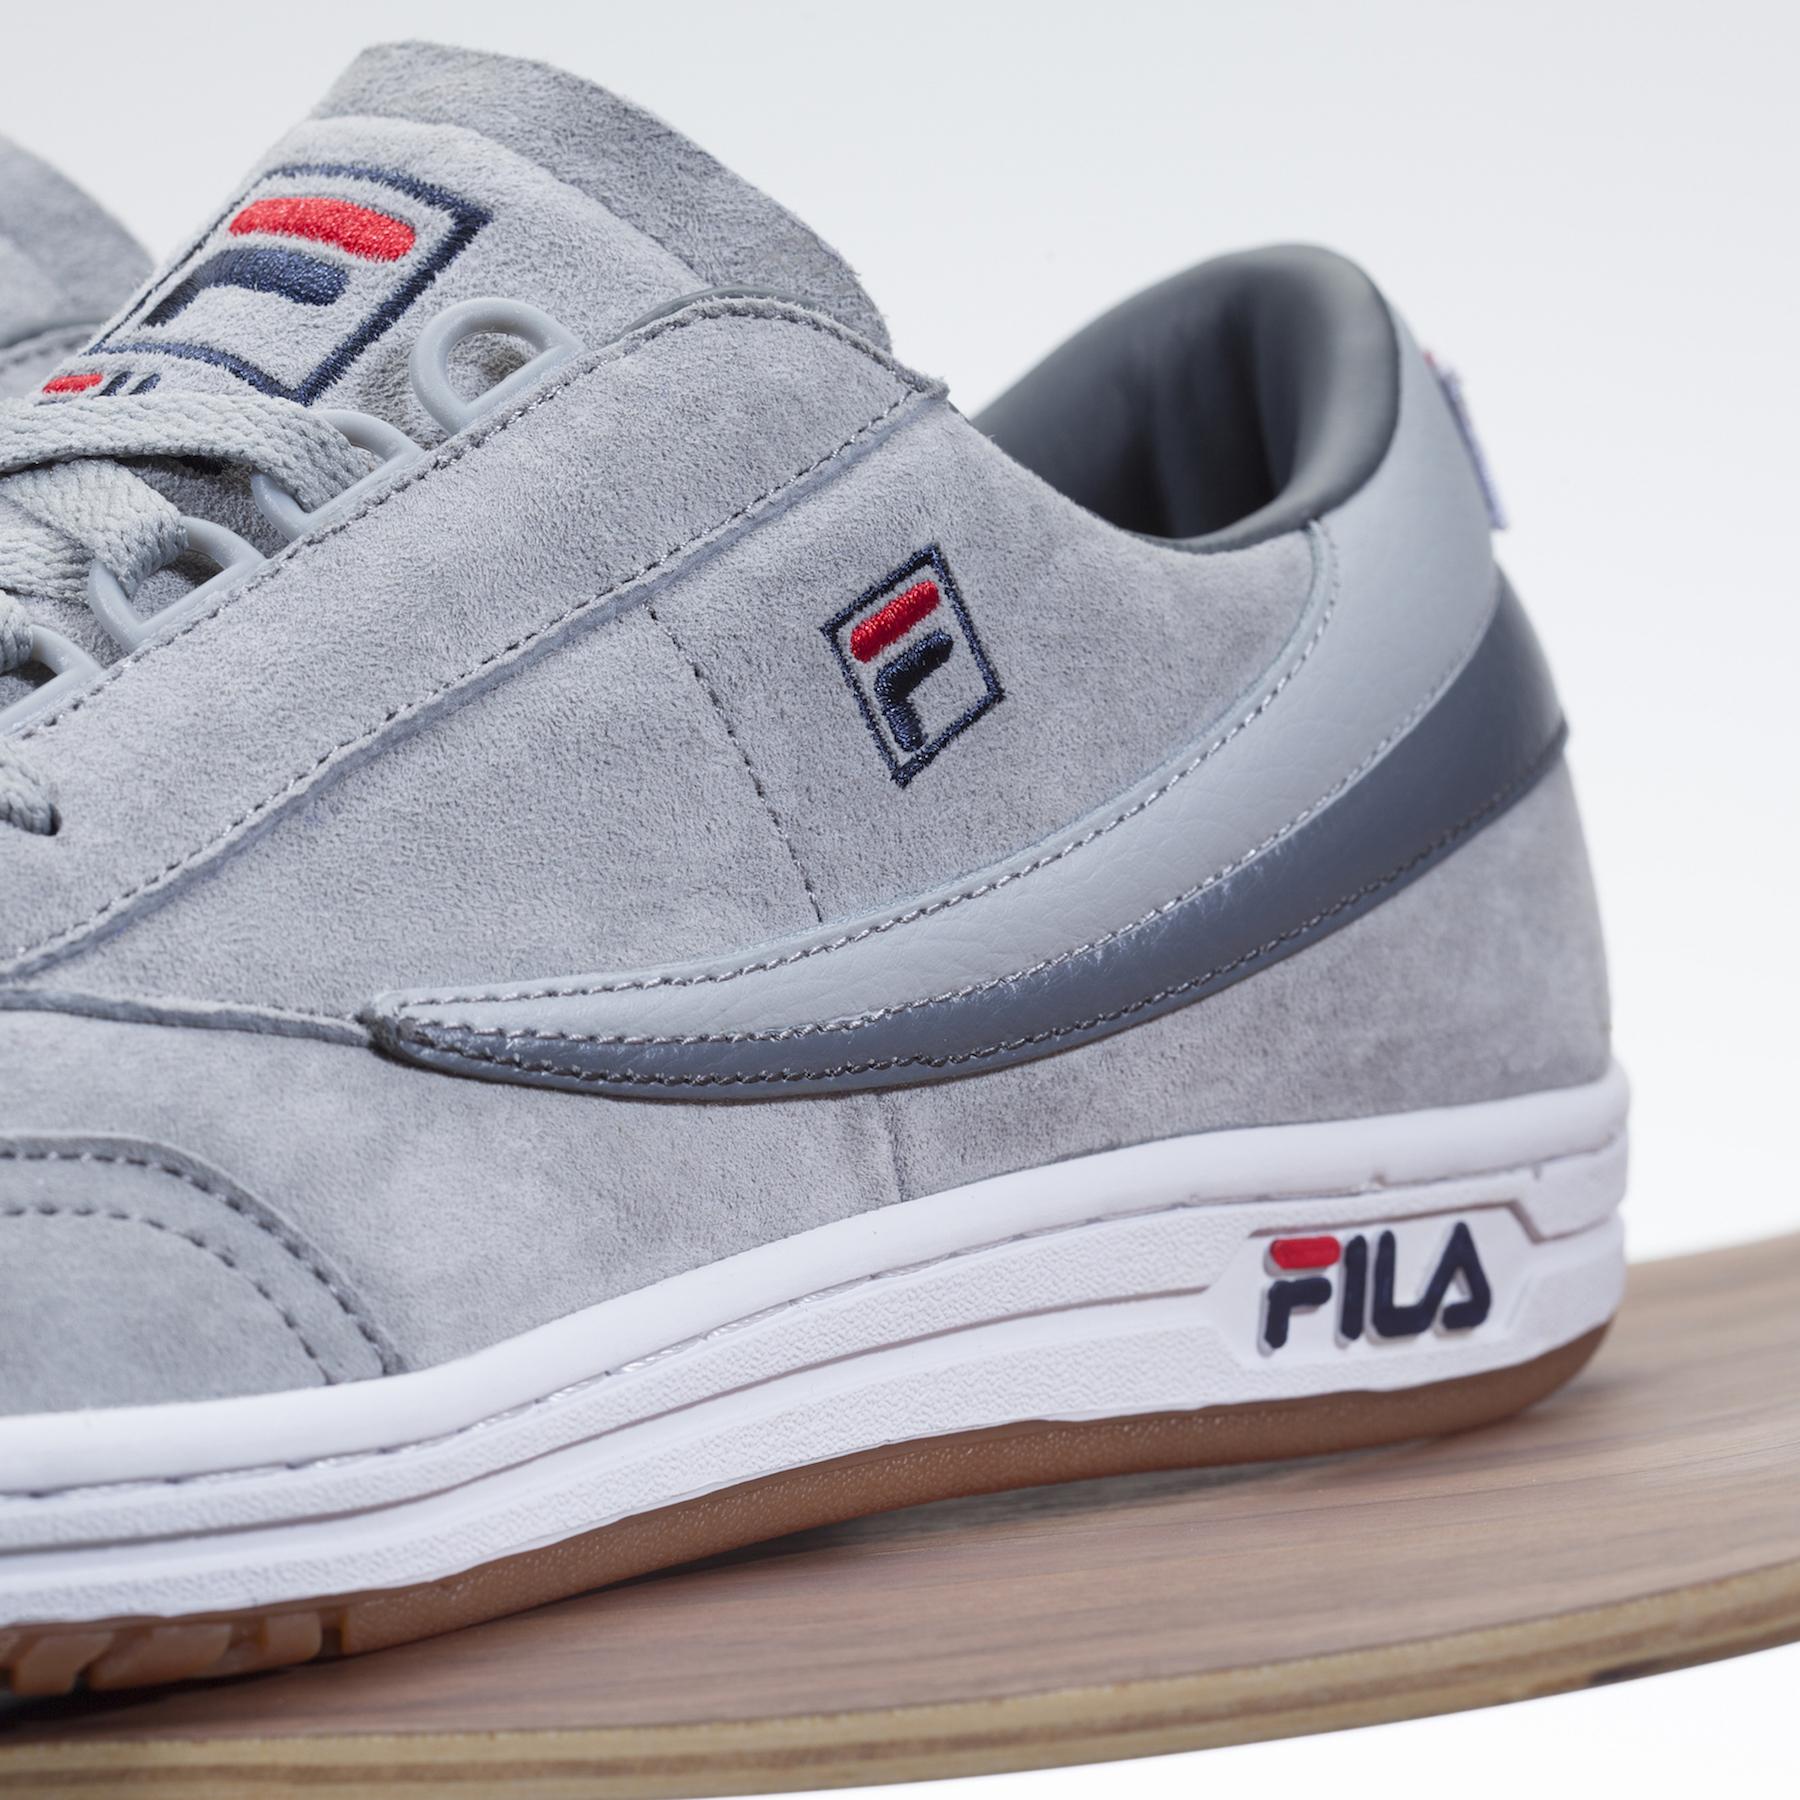 fila original tennis concrete gum pack